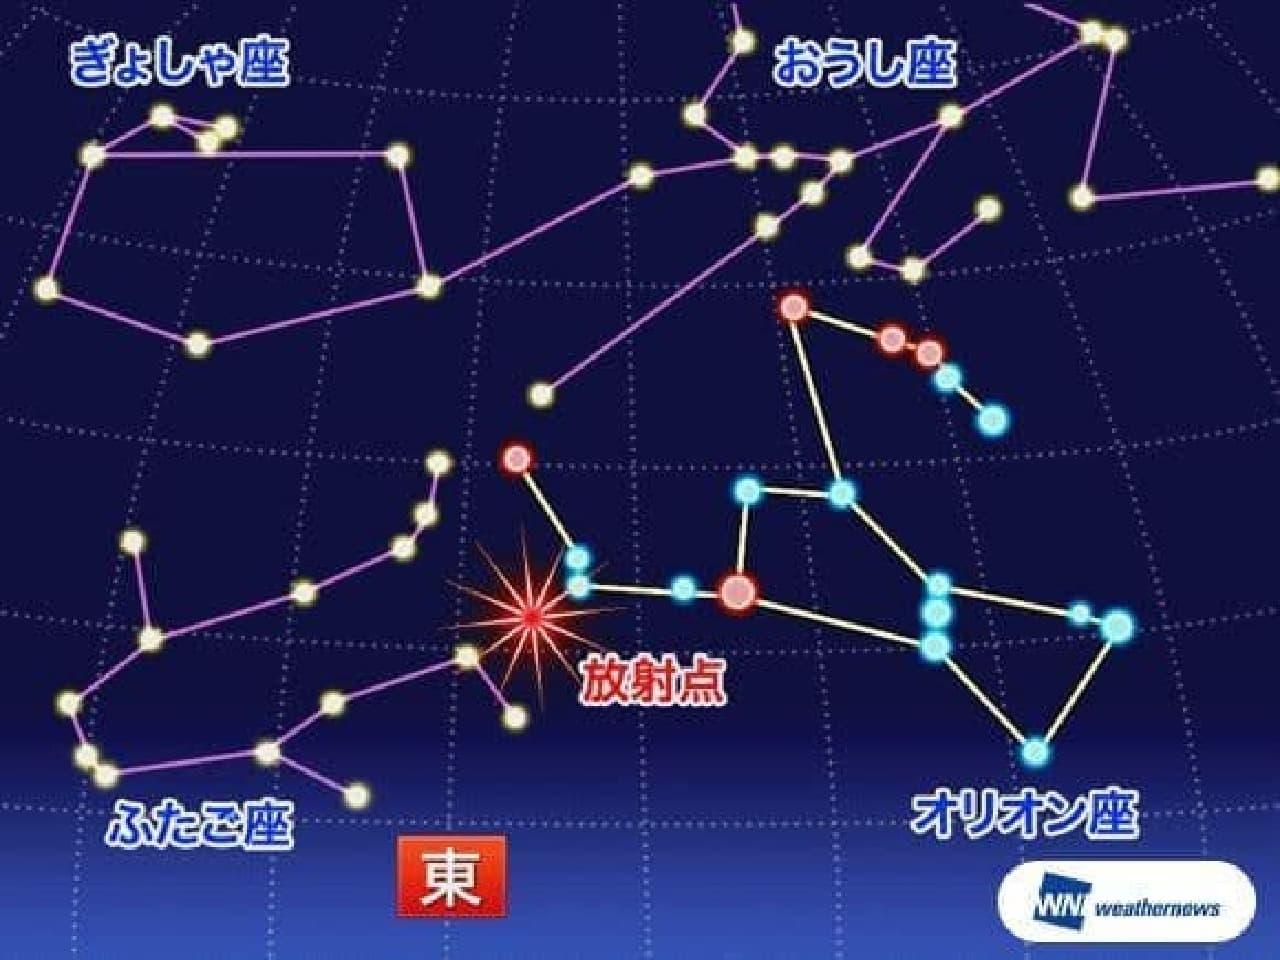 10月21日は「オリオン座流星群」